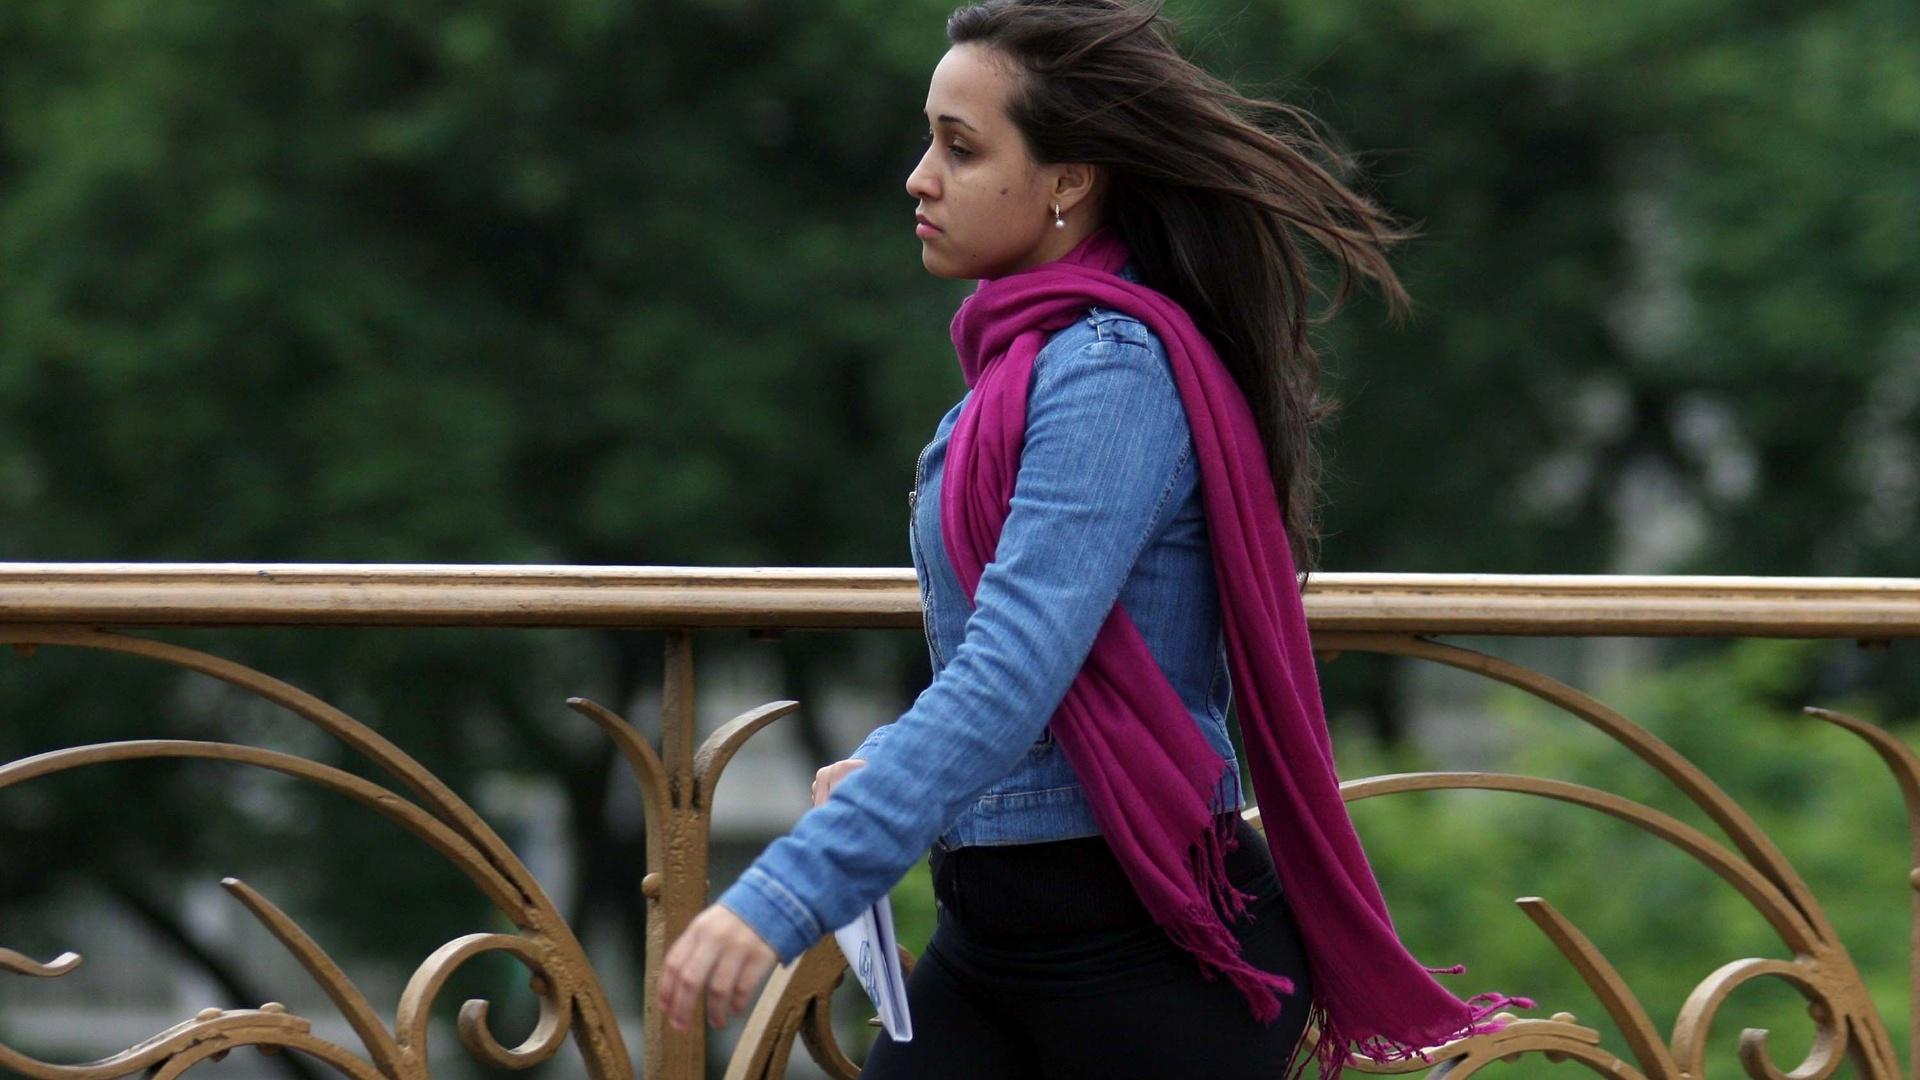 26.nov.2012 - Pedestre enfrenta forte frio no viaduto Santa Efigênia, no centro de São Paulo, na manhã desta segunda-feira (26). A máxima prevista para hoje é de 22ºC